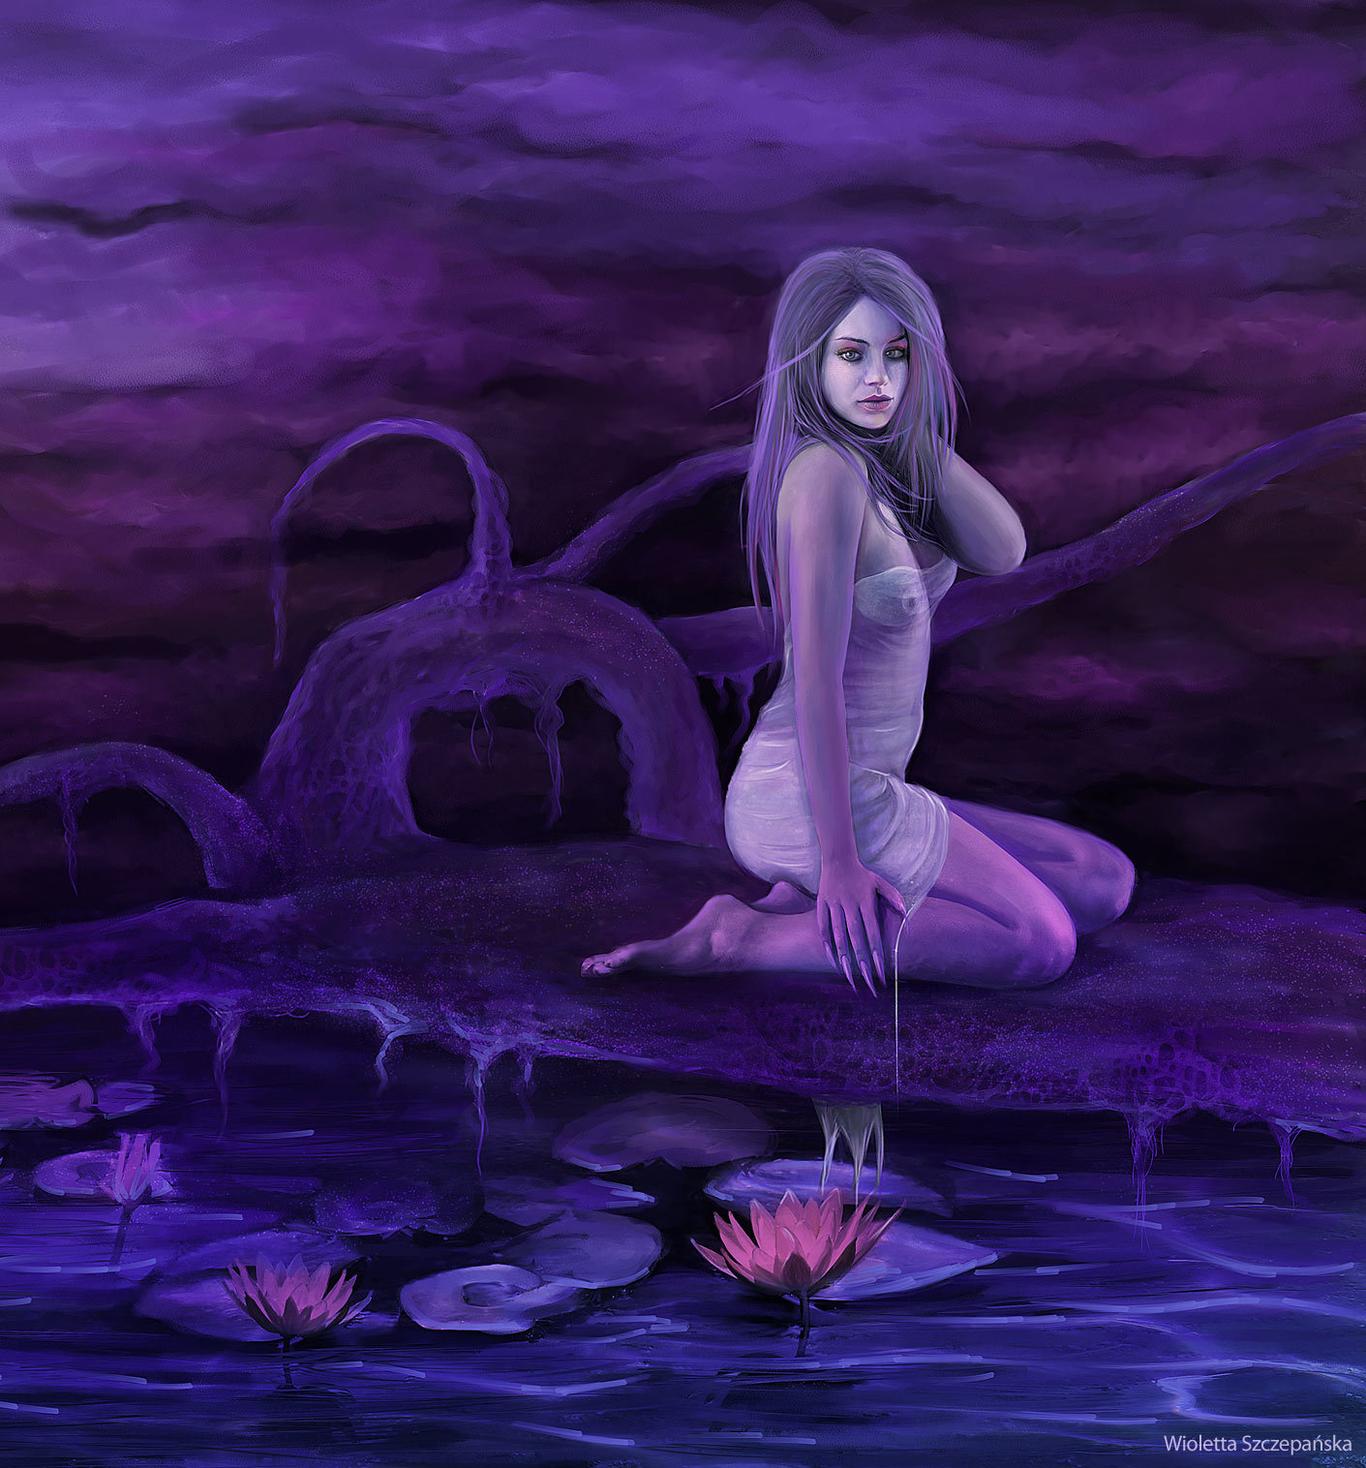 Wioletta violet 1 a45612ac raul